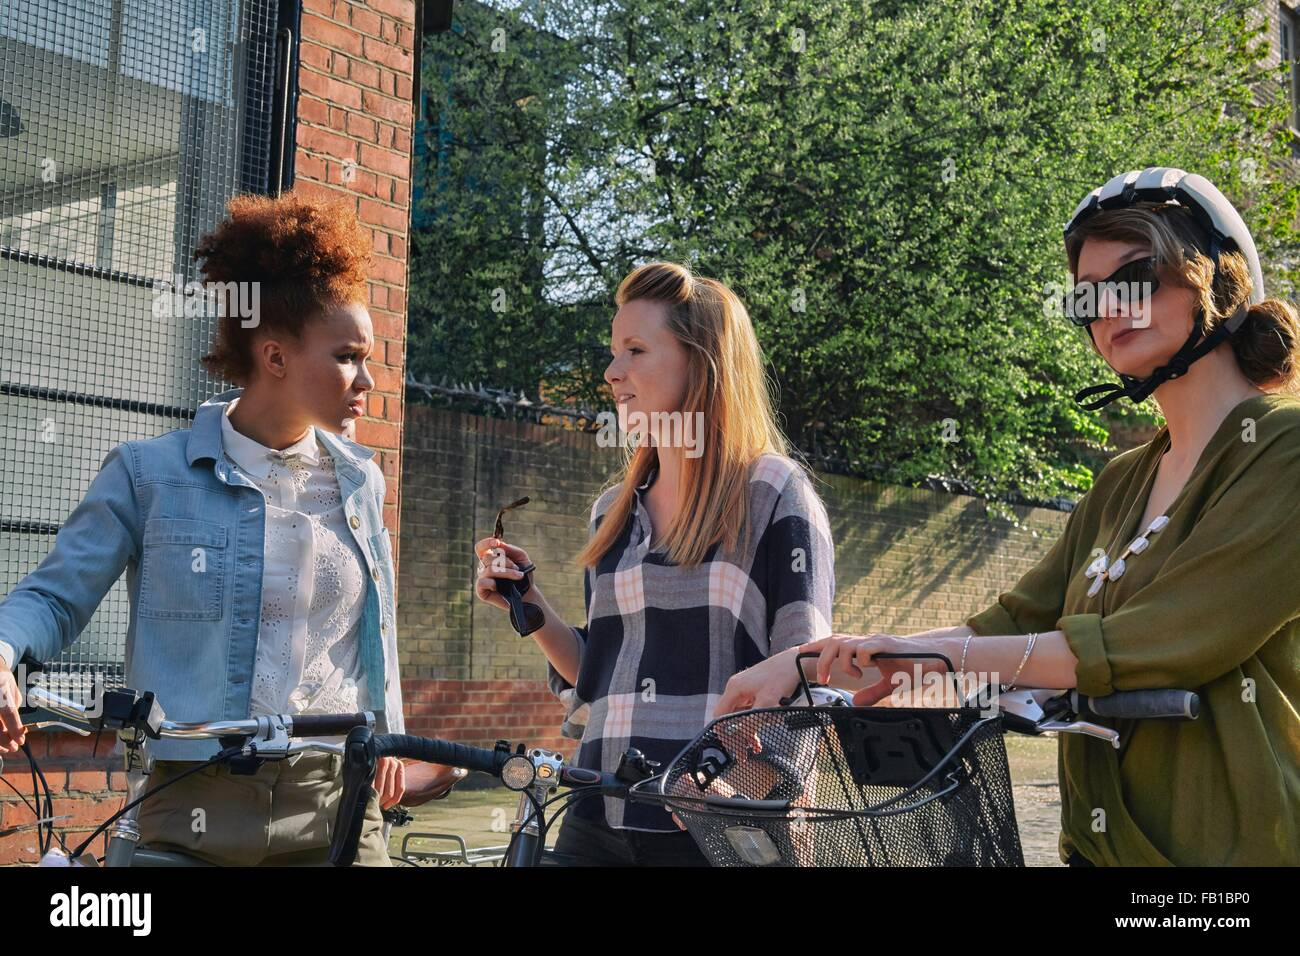 Las mujeres en el área urbana, de cintura para arriba, de pie la celebración de bicicletas conversando Foto de stock